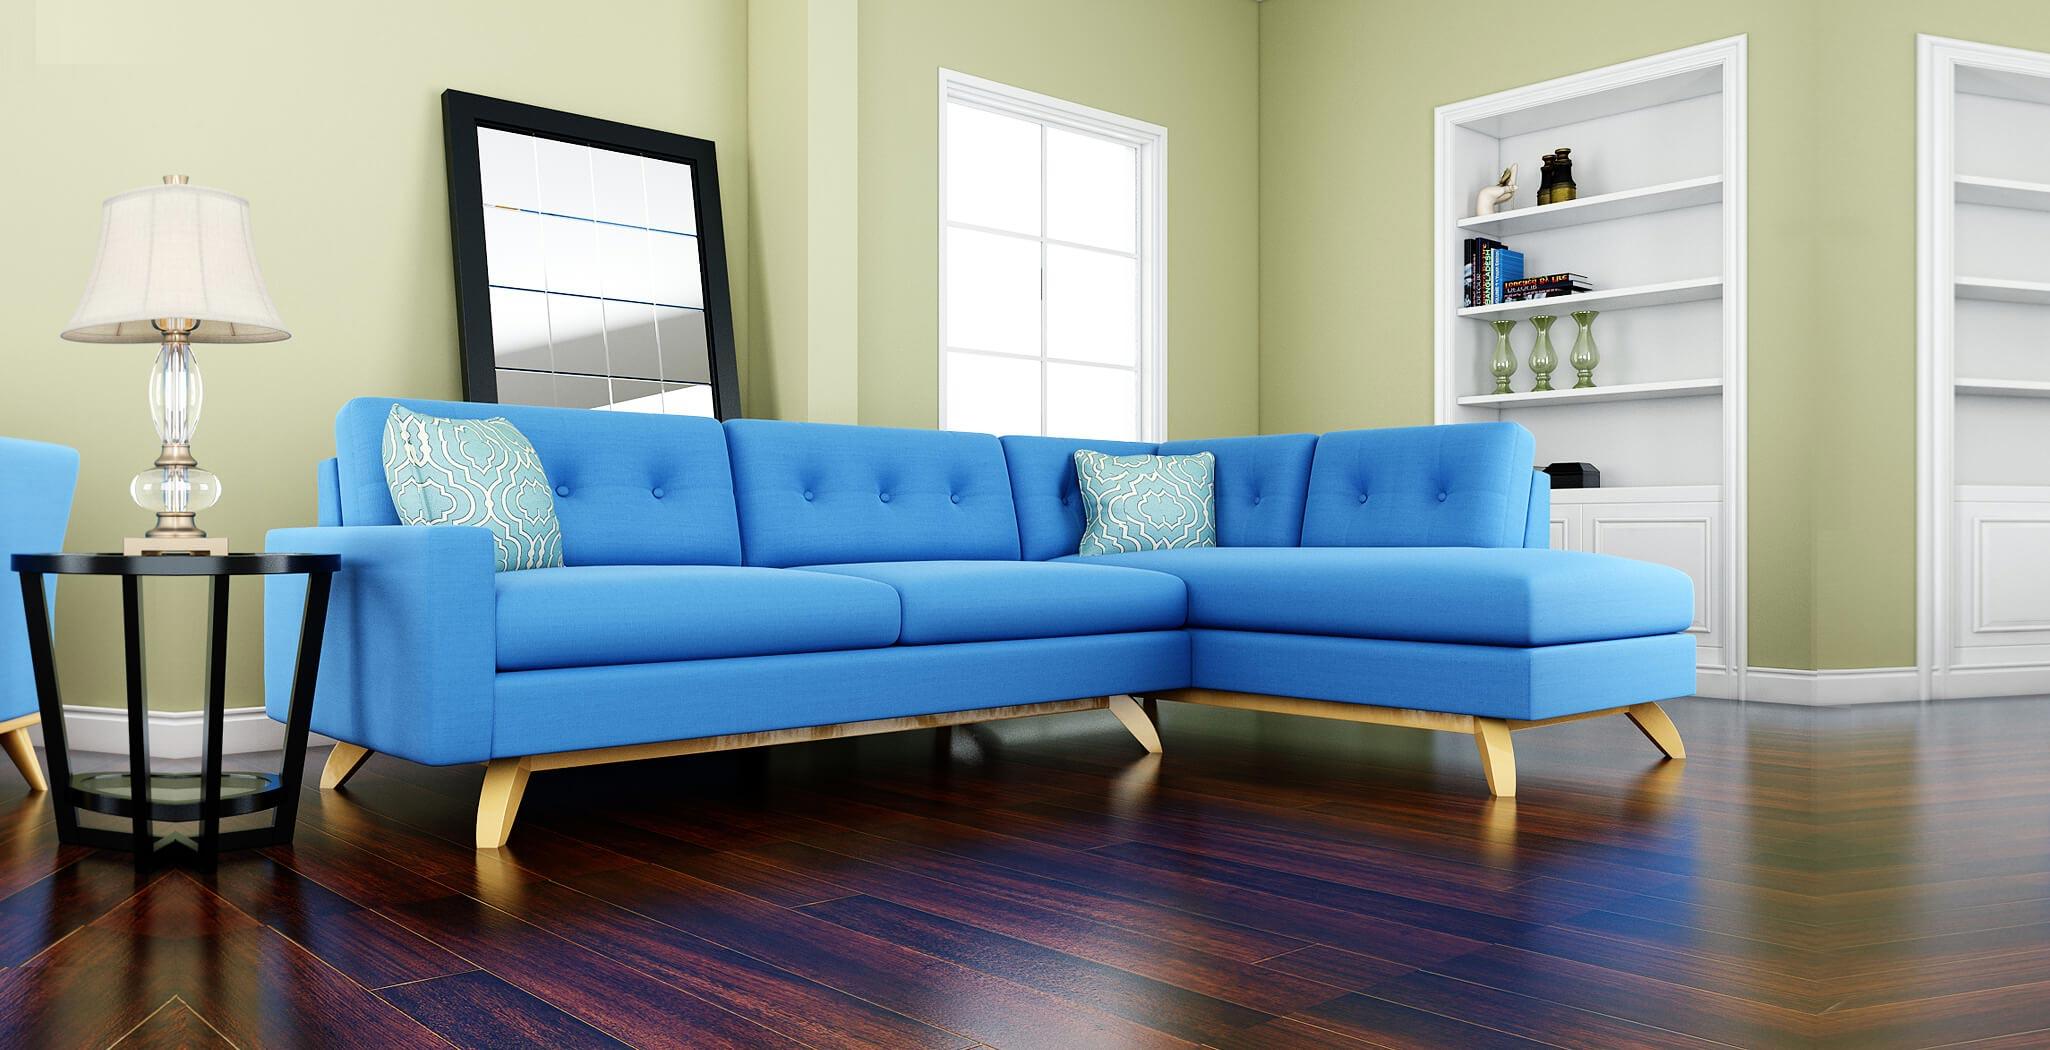 milan panel furniture gallery 2